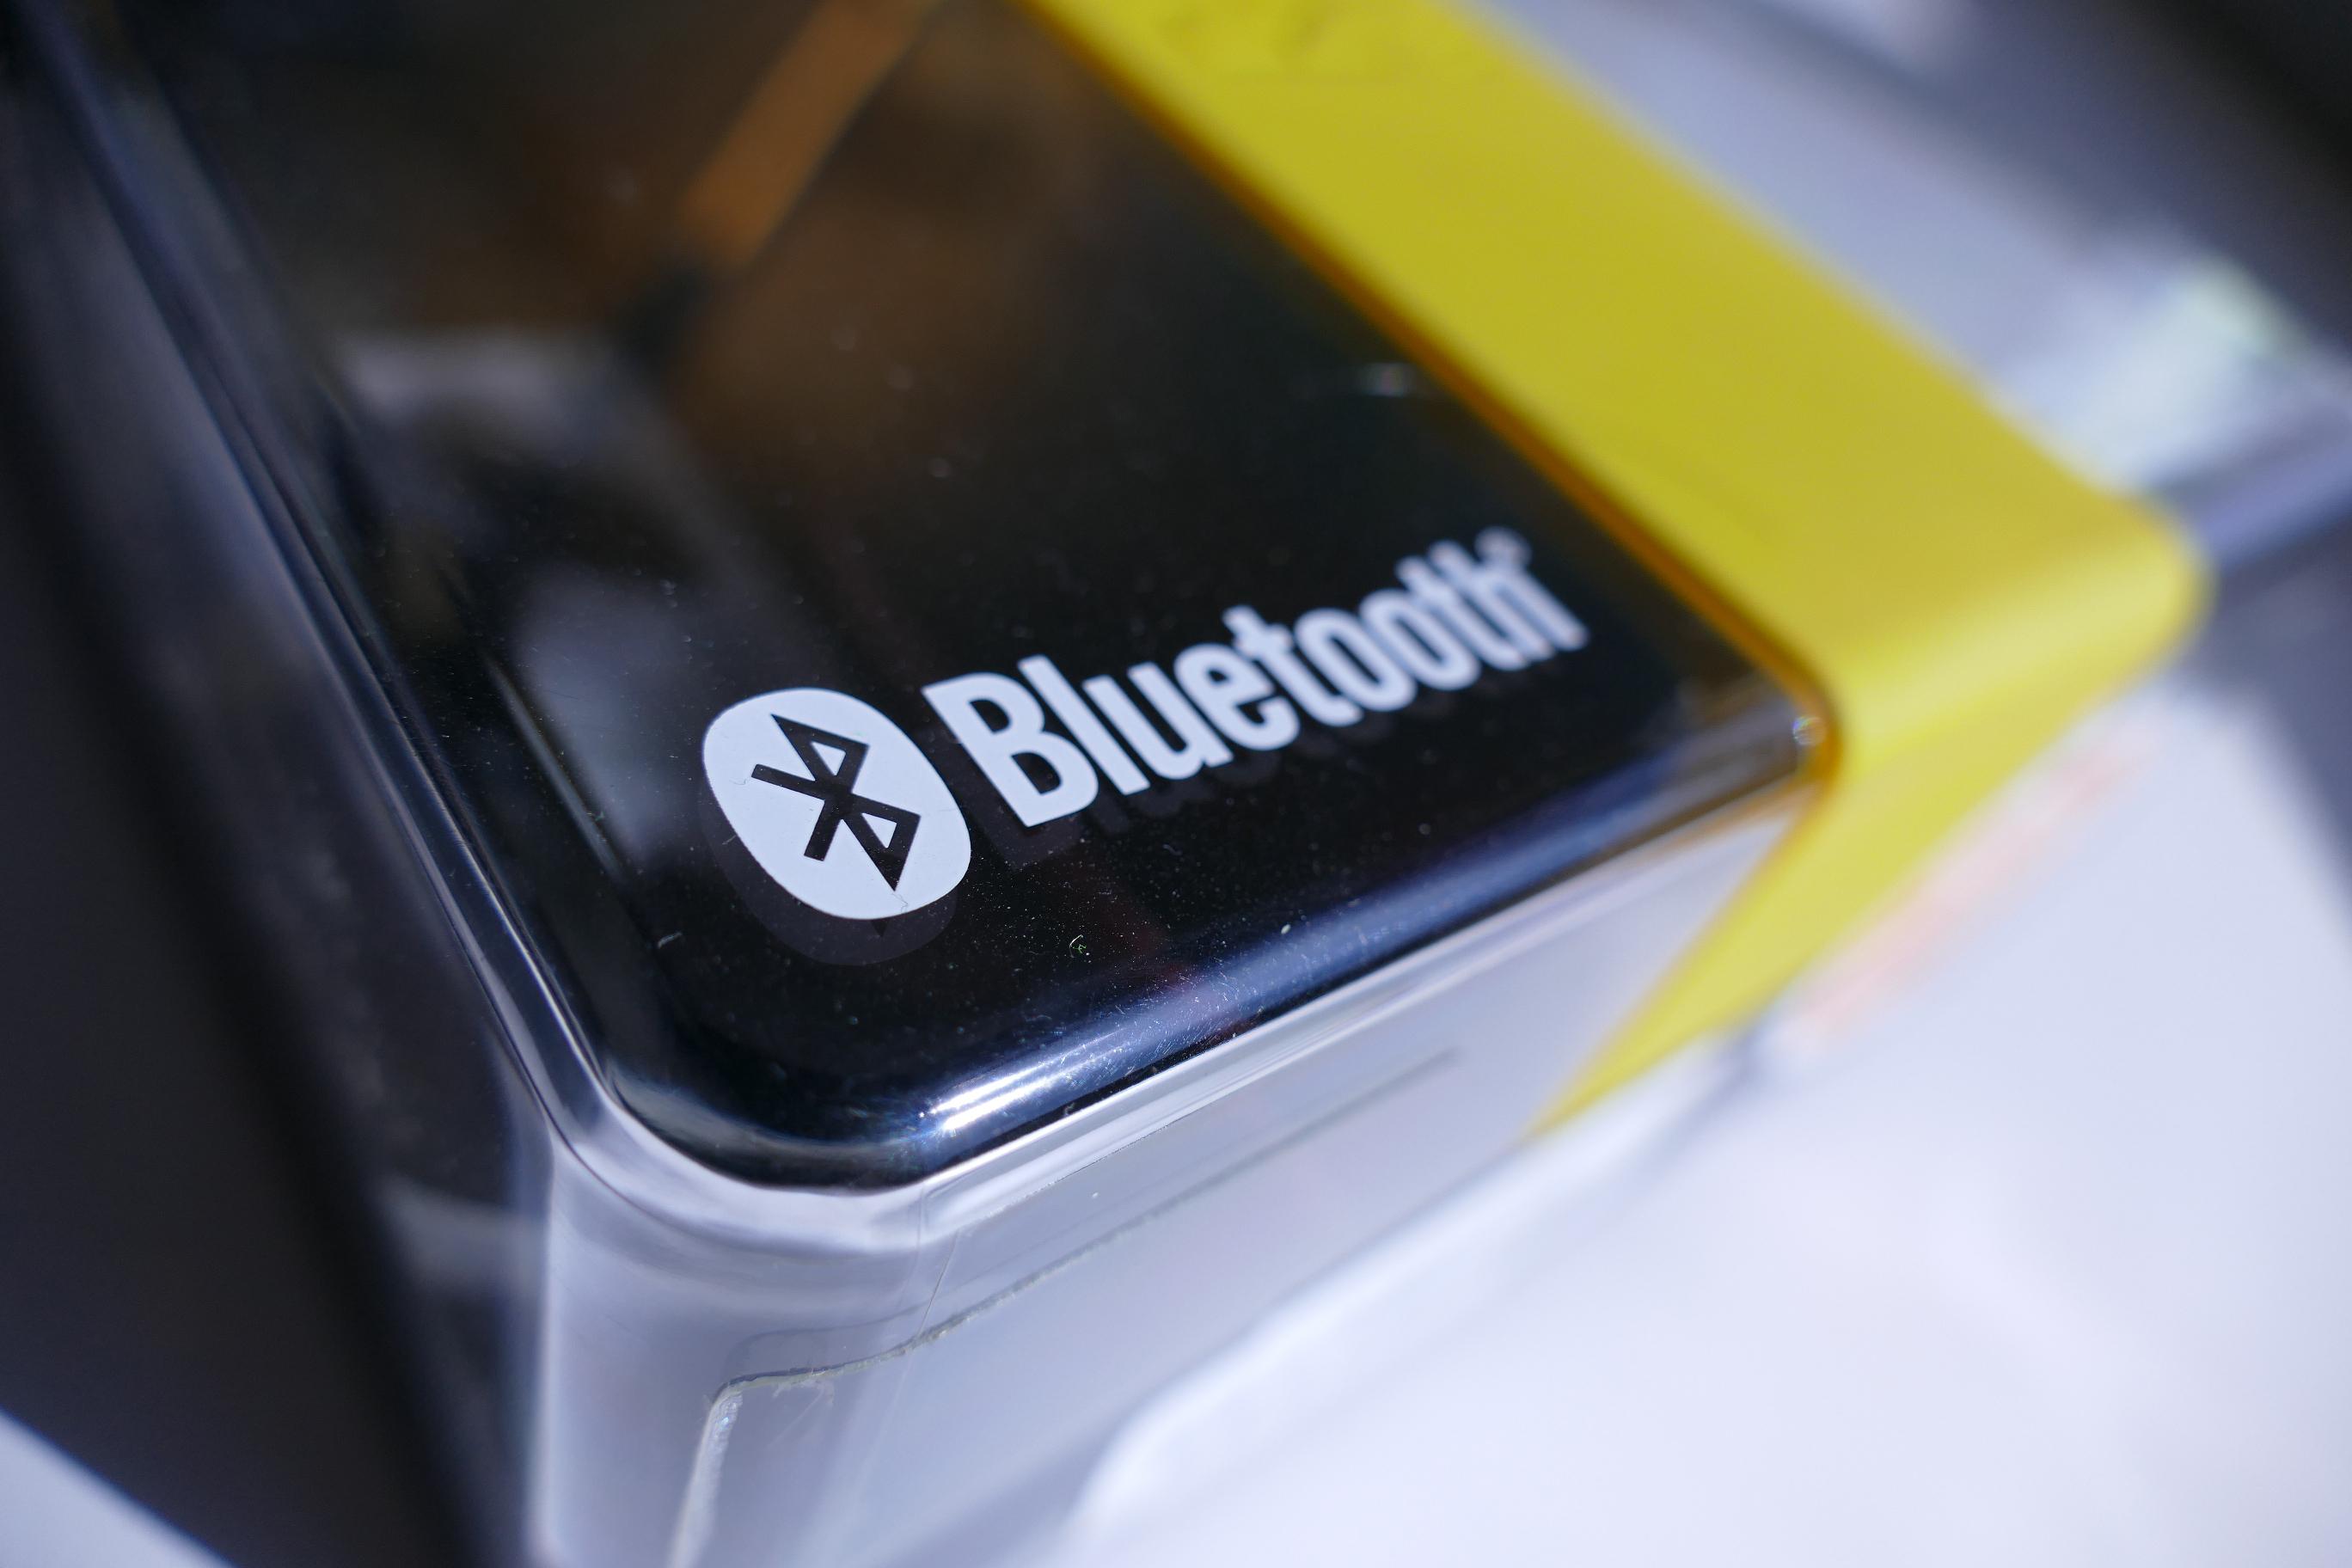 Bluetooth 5 bo zaradi energetske učinkovitosti zdaleč najbolj primeren za nosljivo elektroniko.